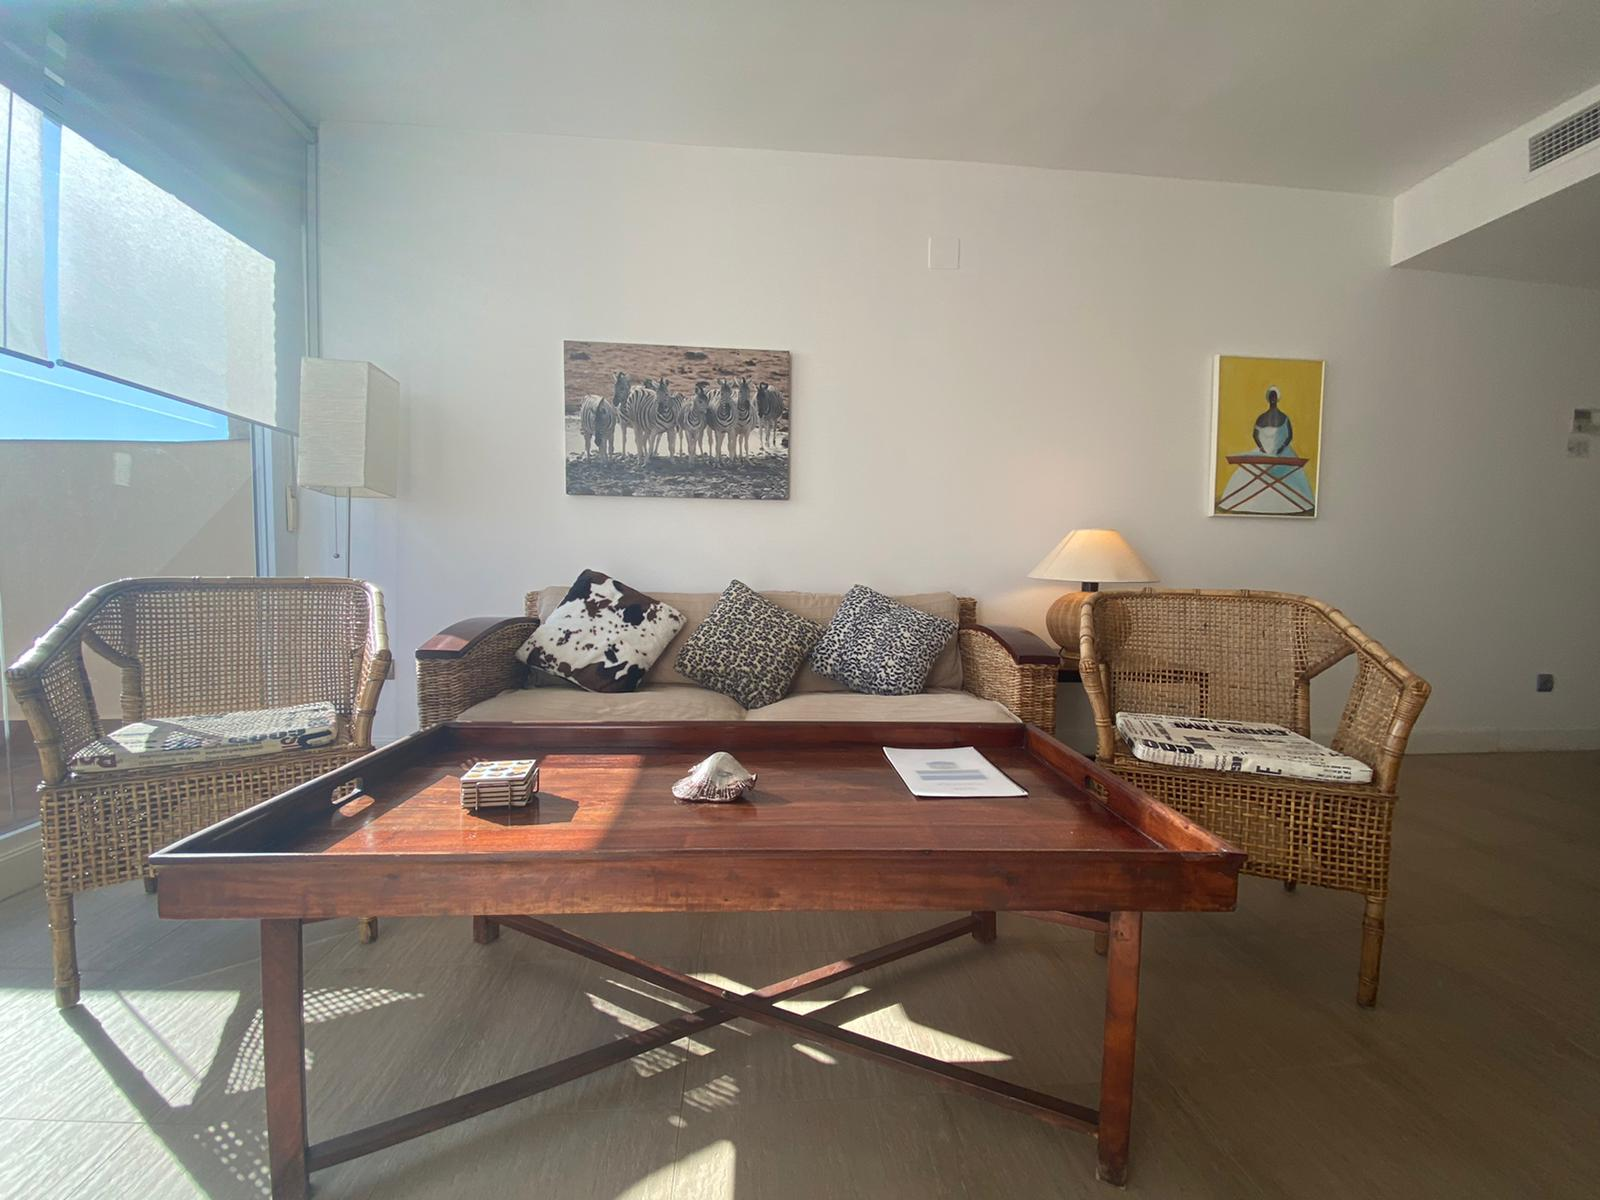 Imagen 19 del Apartamento Turístico, Ático 1 Levante (3d+2b), Punta del Moral (HUELVA), Paseo de la Cruz nº22